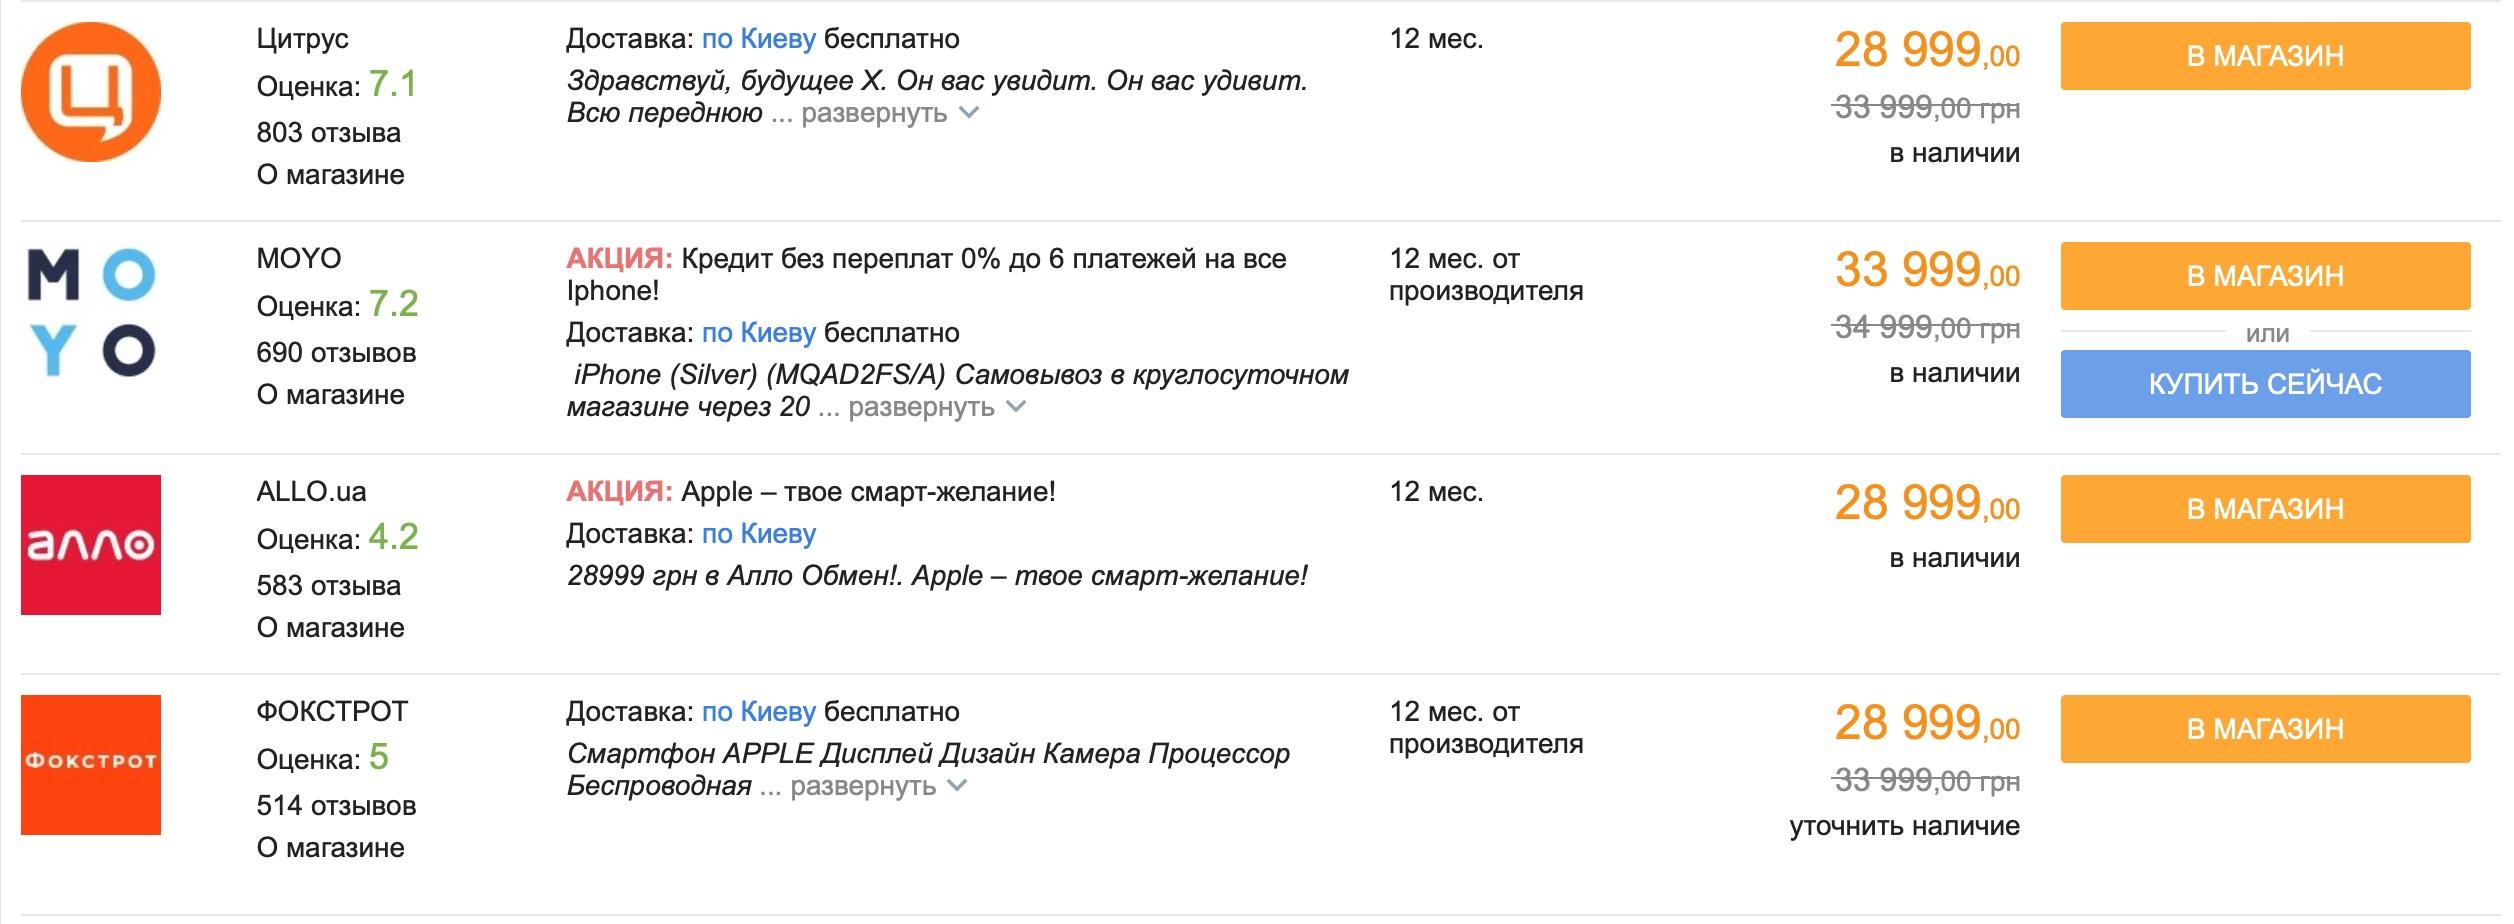 В Украине снизилась стоимость официальных iPhone